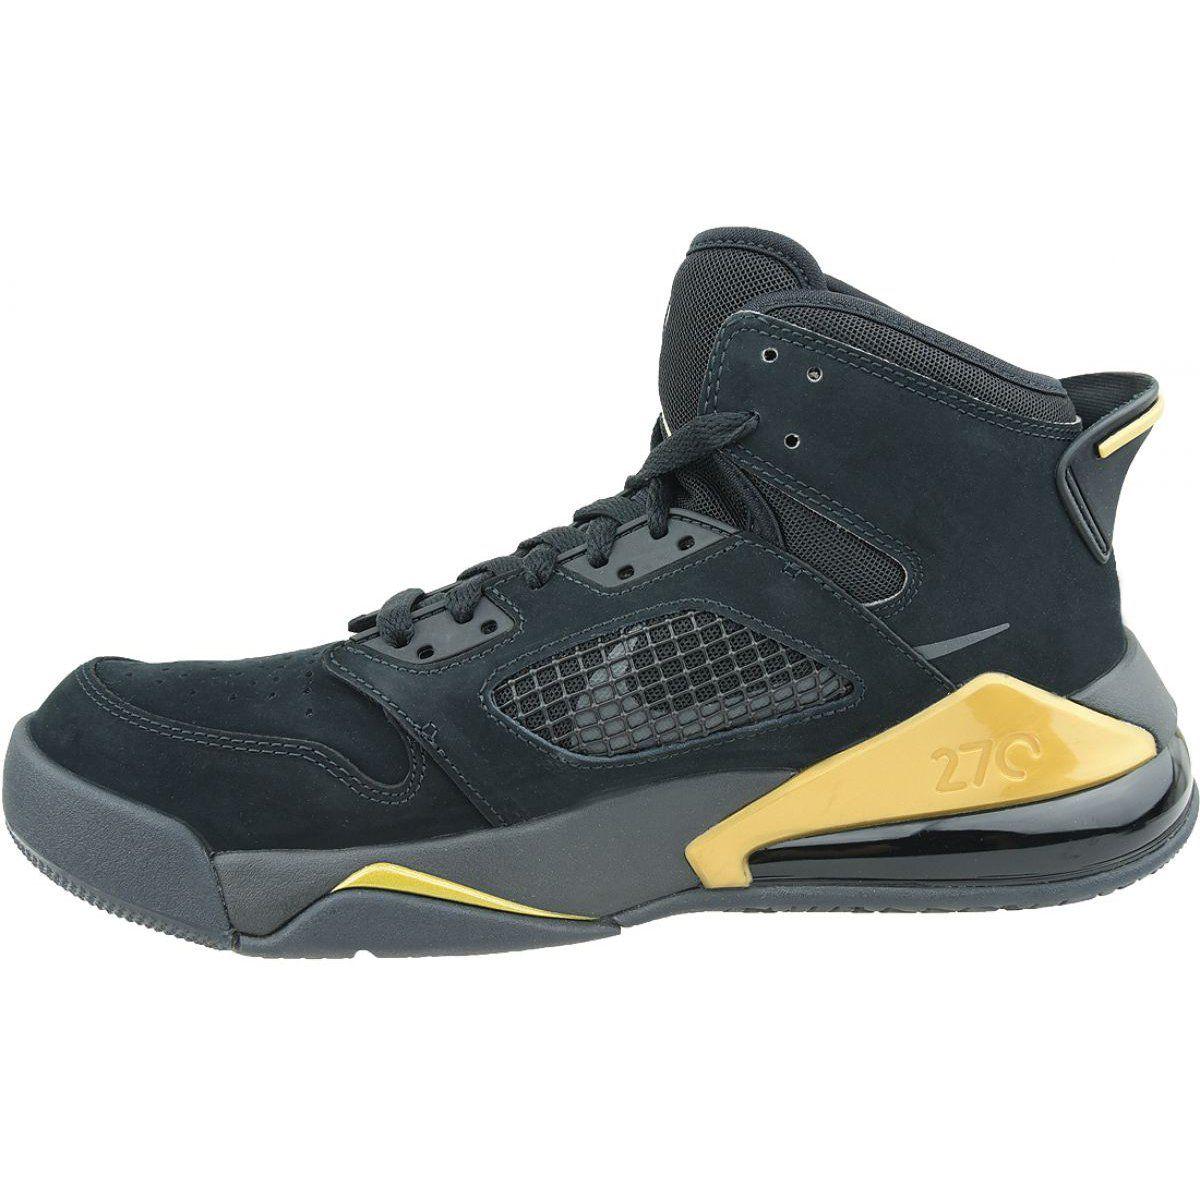 Buty Nike Jordan Air Mars 270 M Cd7070 007 Czarne Nike Jordan Nike Puma Fierce Sneaker